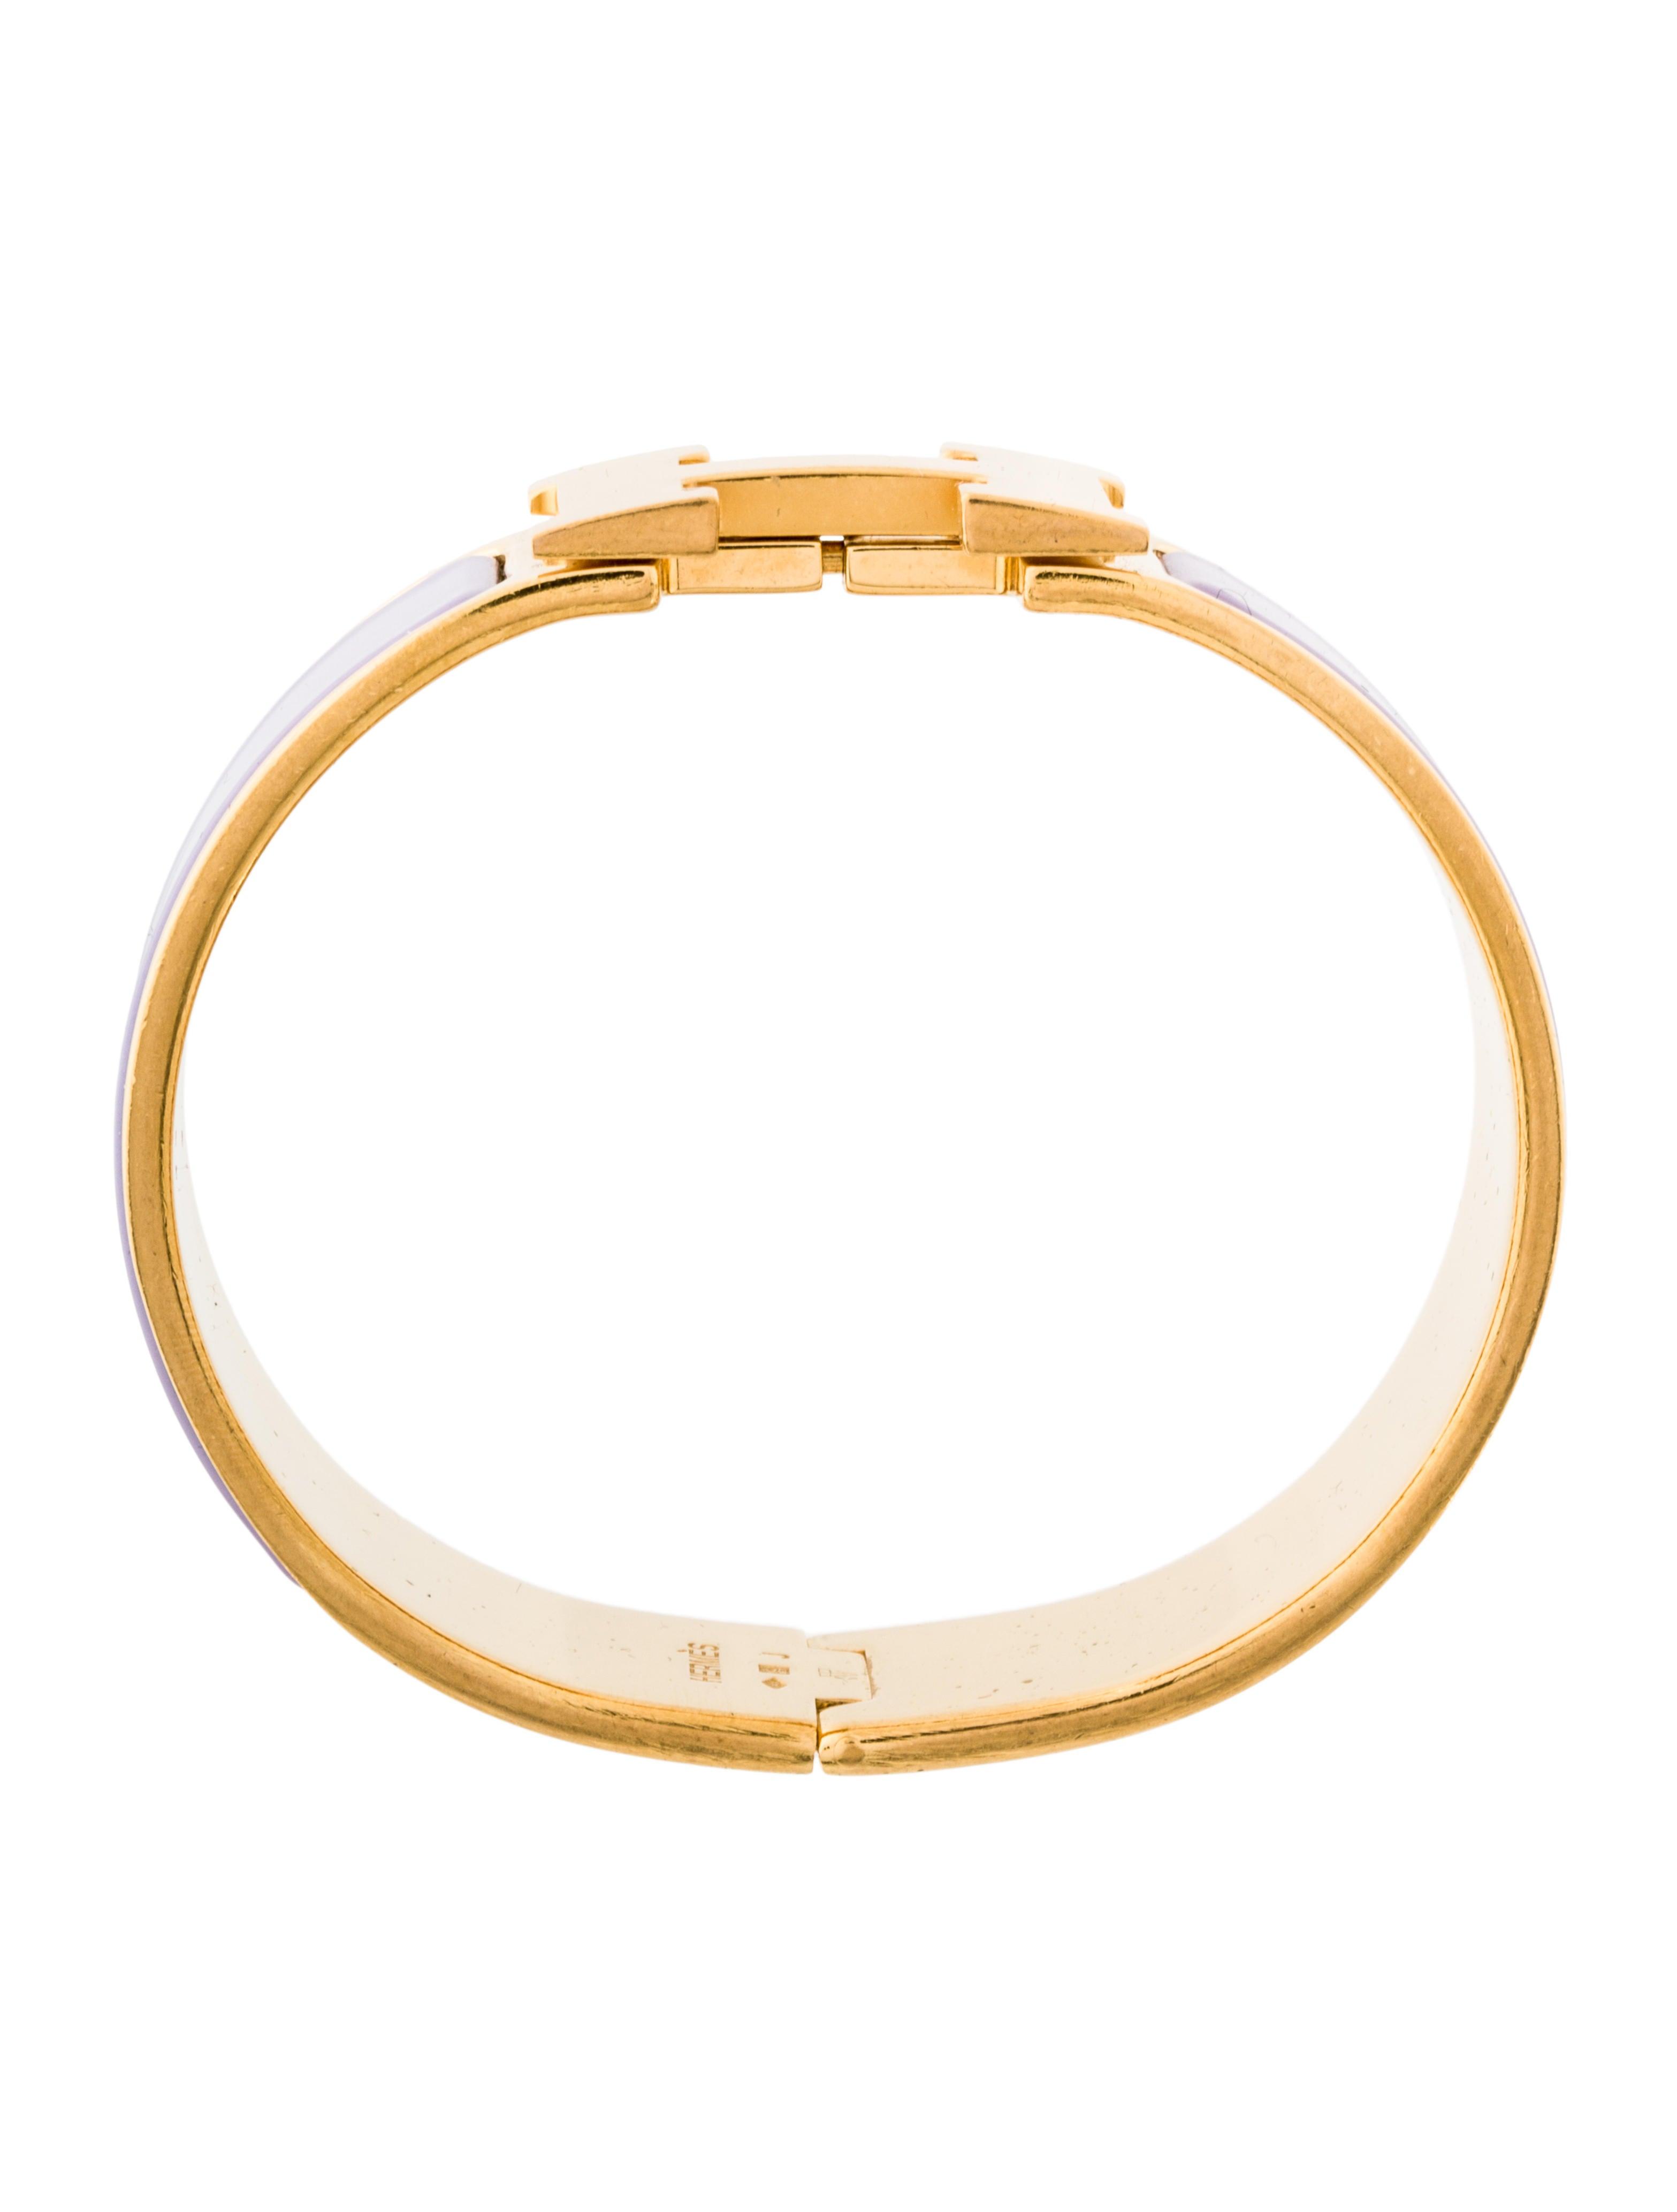 herm s wide clic clac h bangle bracelets her93724. Black Bedroom Furniture Sets. Home Design Ideas